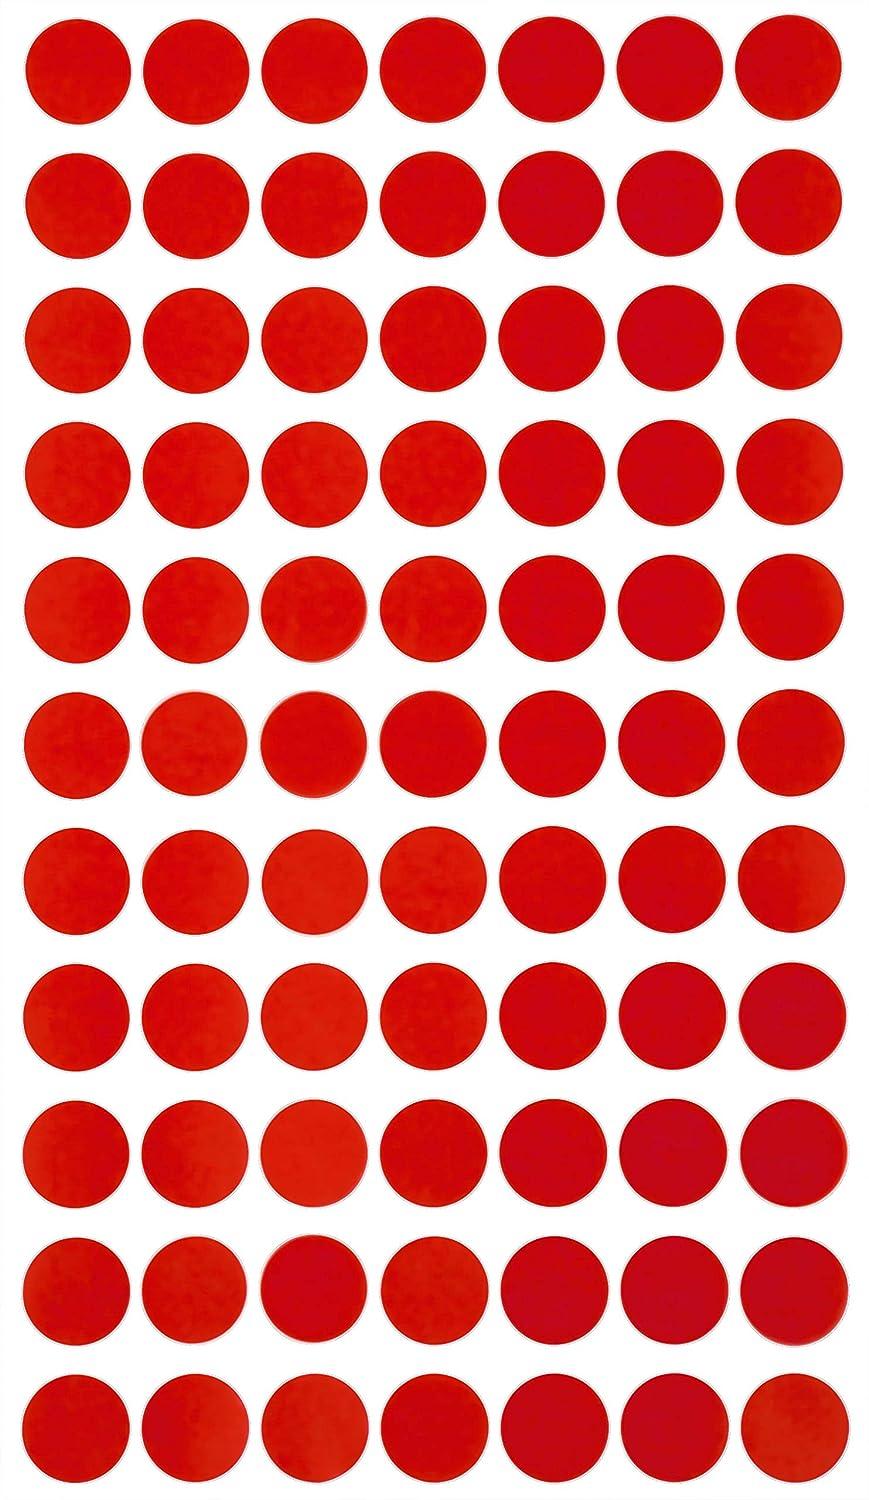 Klebepunkte Schwarz 15 mm runde Sticker in verschiedenen Farben Gr/ö/ße 1,5 cm Durchmesser Aufkleber 1540 Vorteilspack von Royal Green